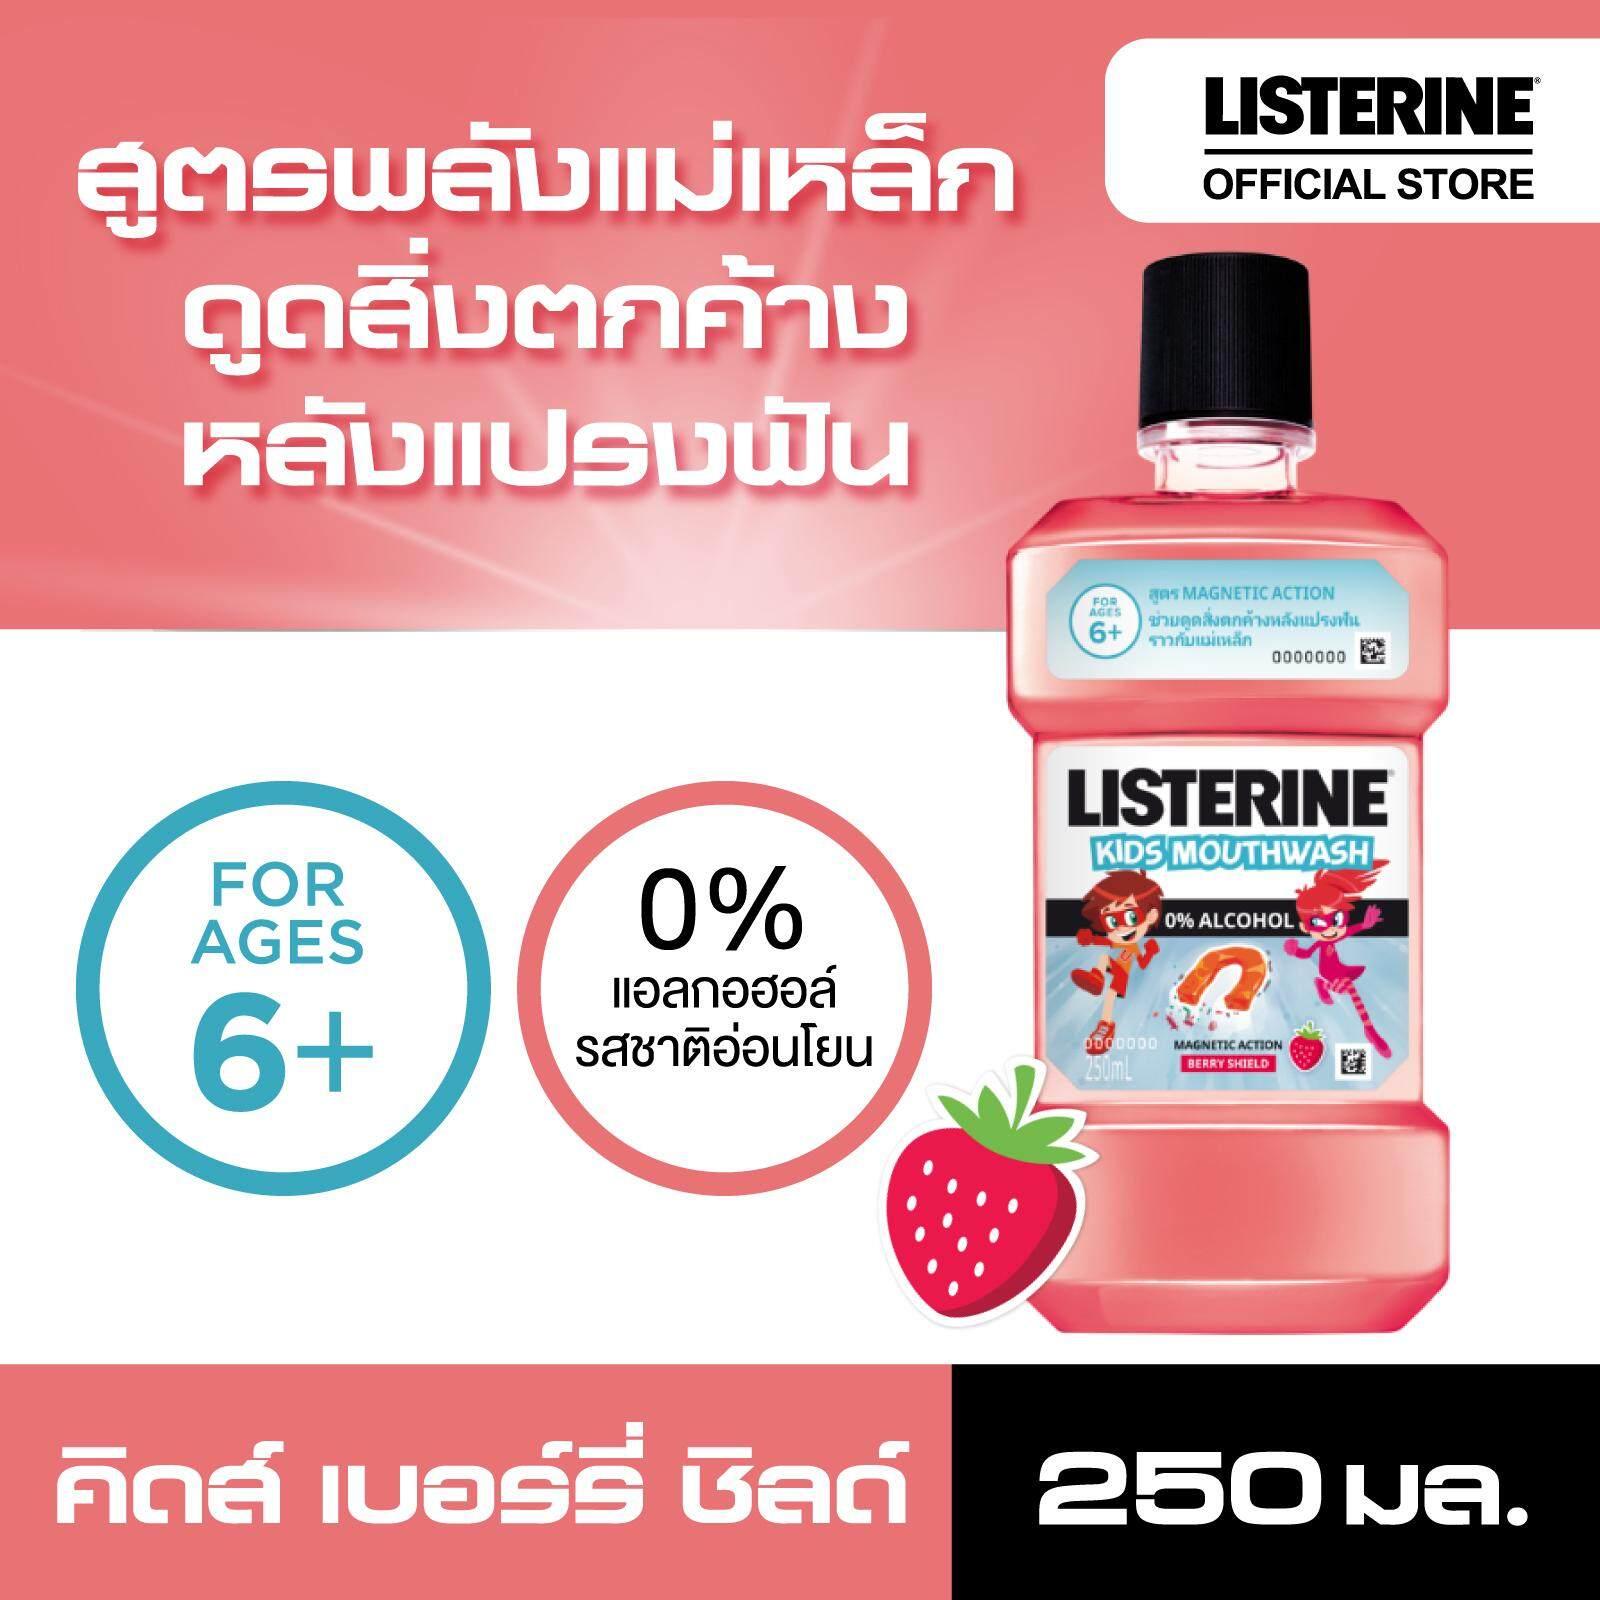 ลิสเตอรีน น้ำยาบ้วนปาก คิดส์ เบอร์รี่ ชิลด์ 250 มล. สำหรับเด็ก Listerine Kids Mouthwash Kids Berry 250 Ml By Johnson & Johnson Official Store.